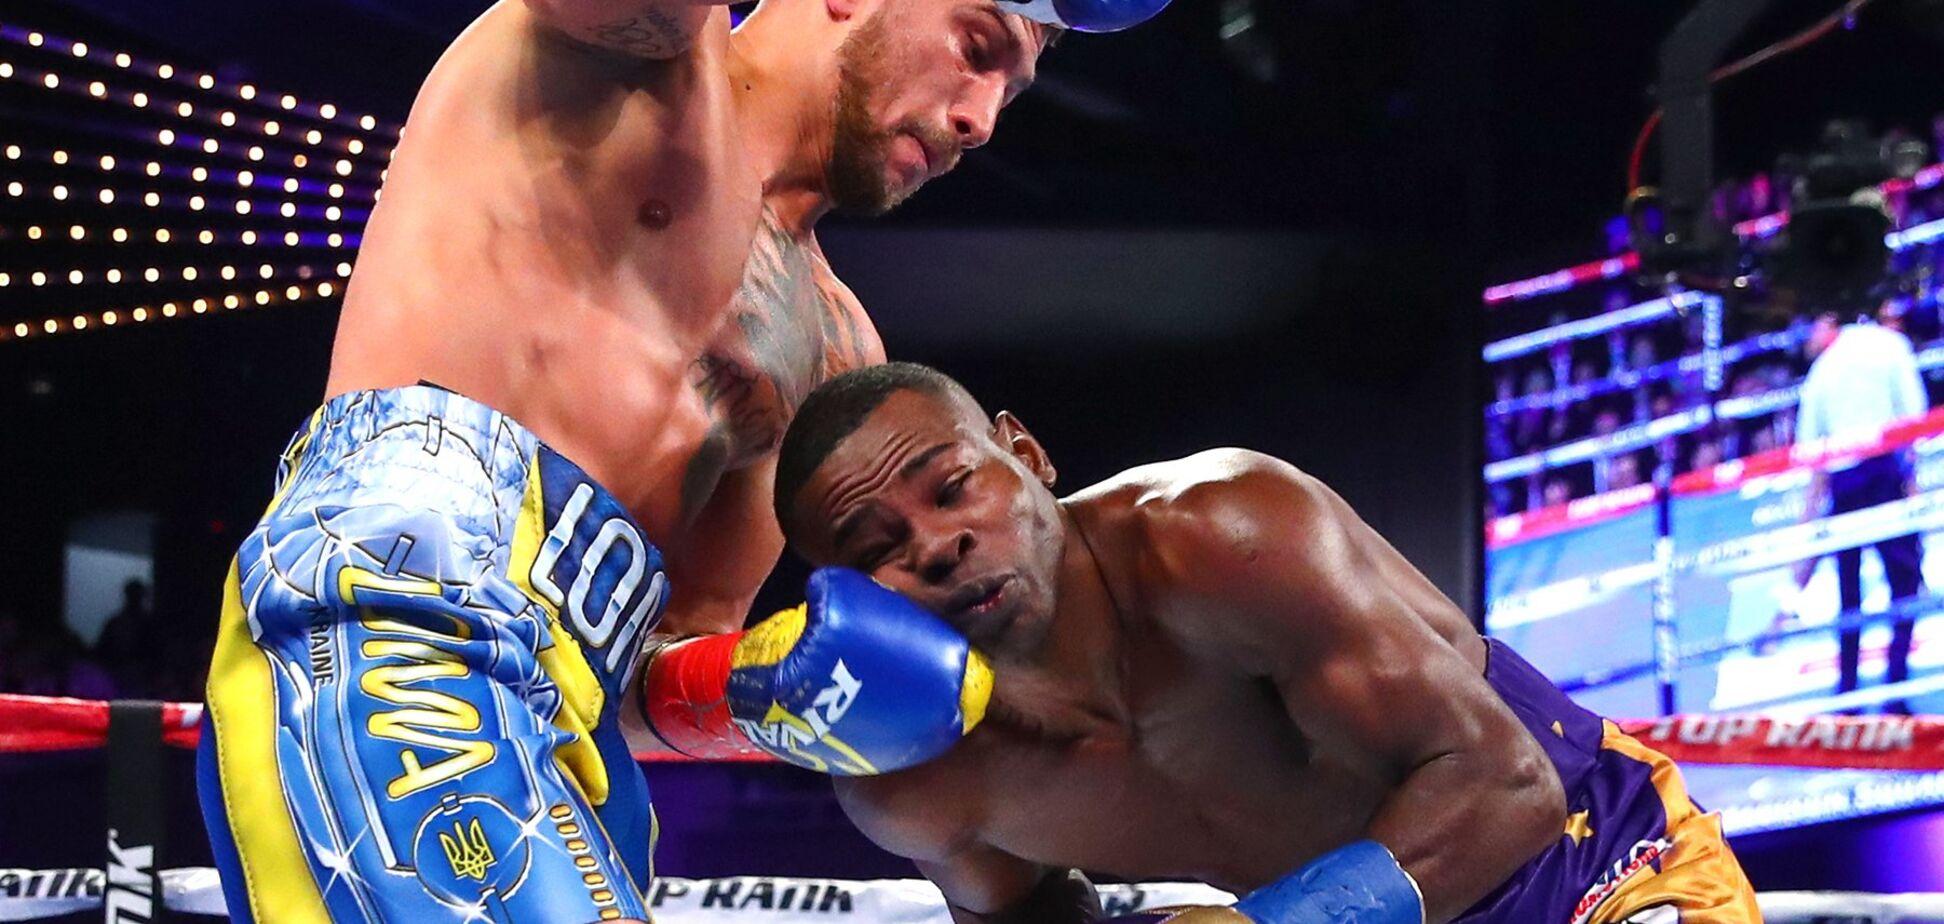 'Мені пора': Ломаченко влаштував тролінг на рингу після перемоги над Рігондо